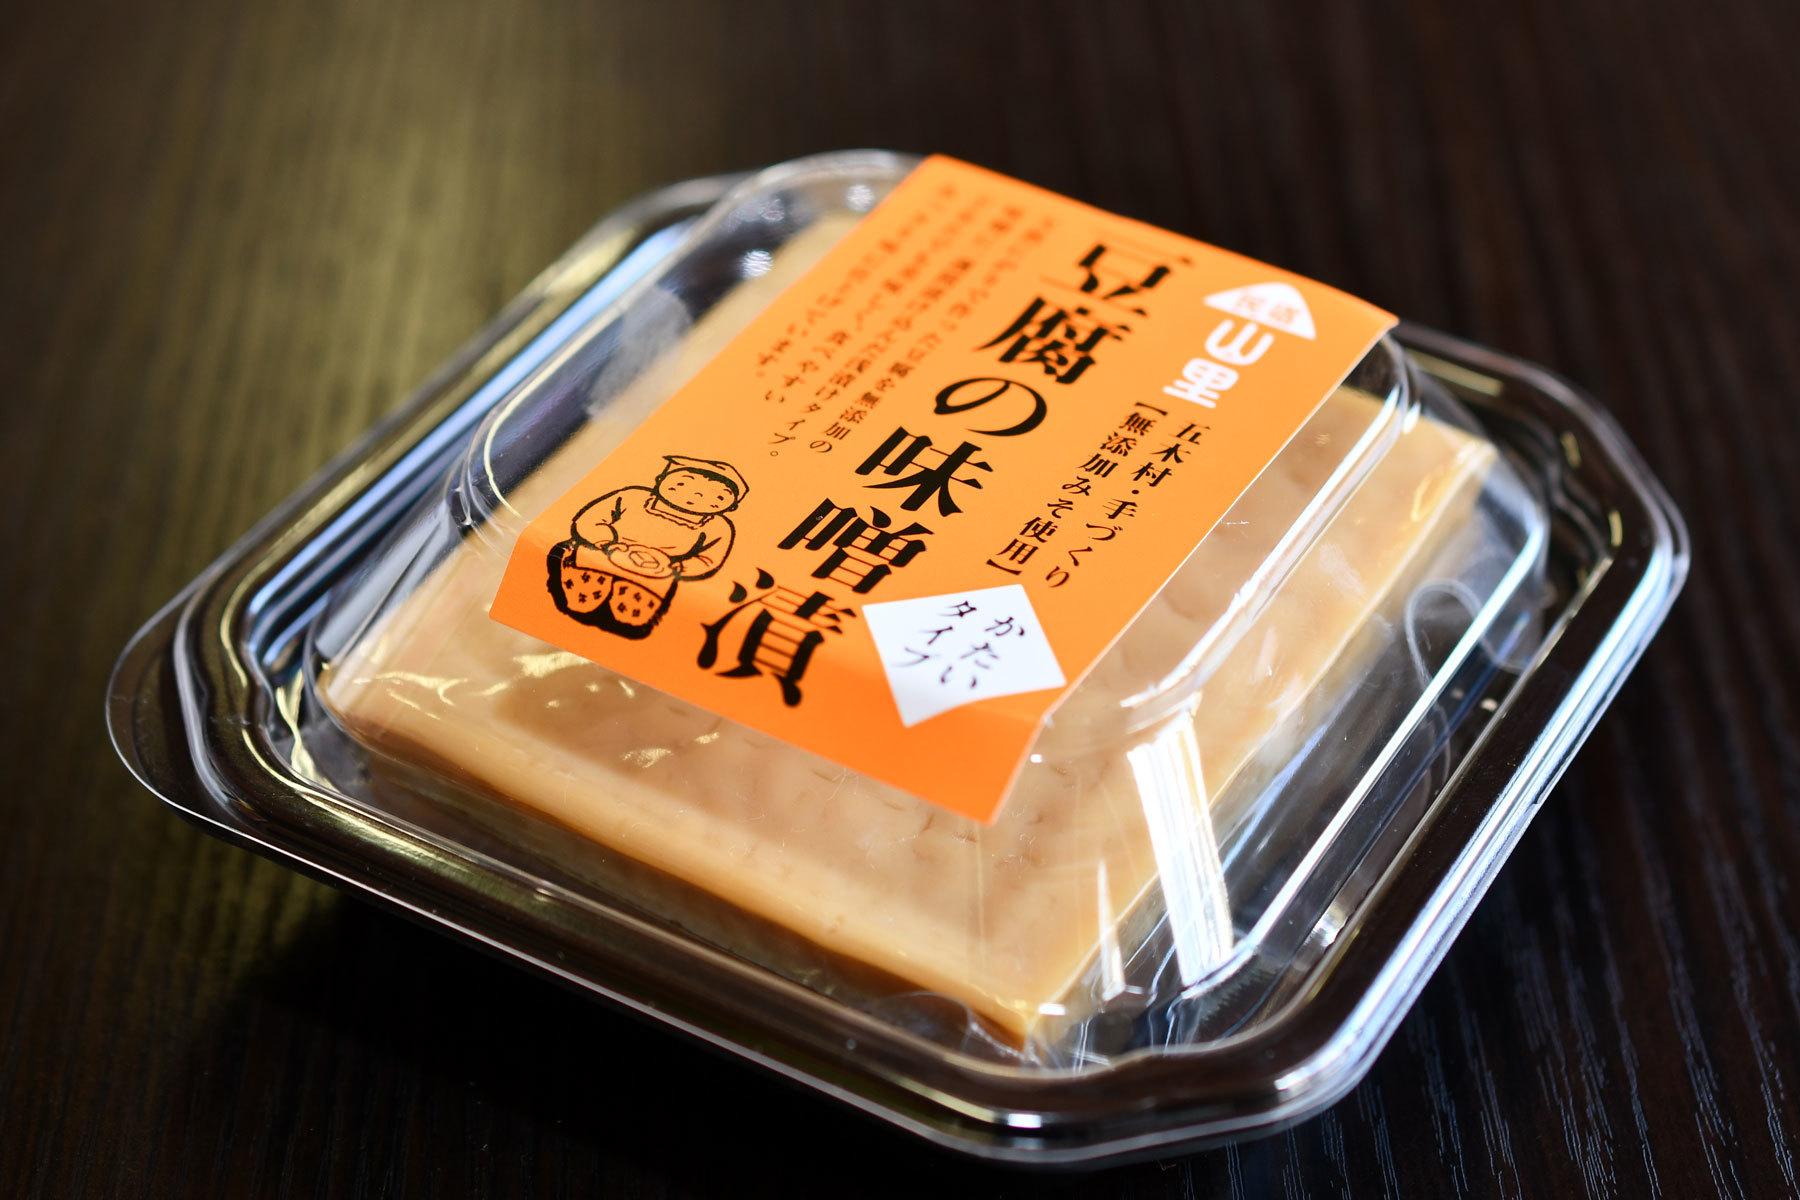 豆腐の味噌漬け - 画像2